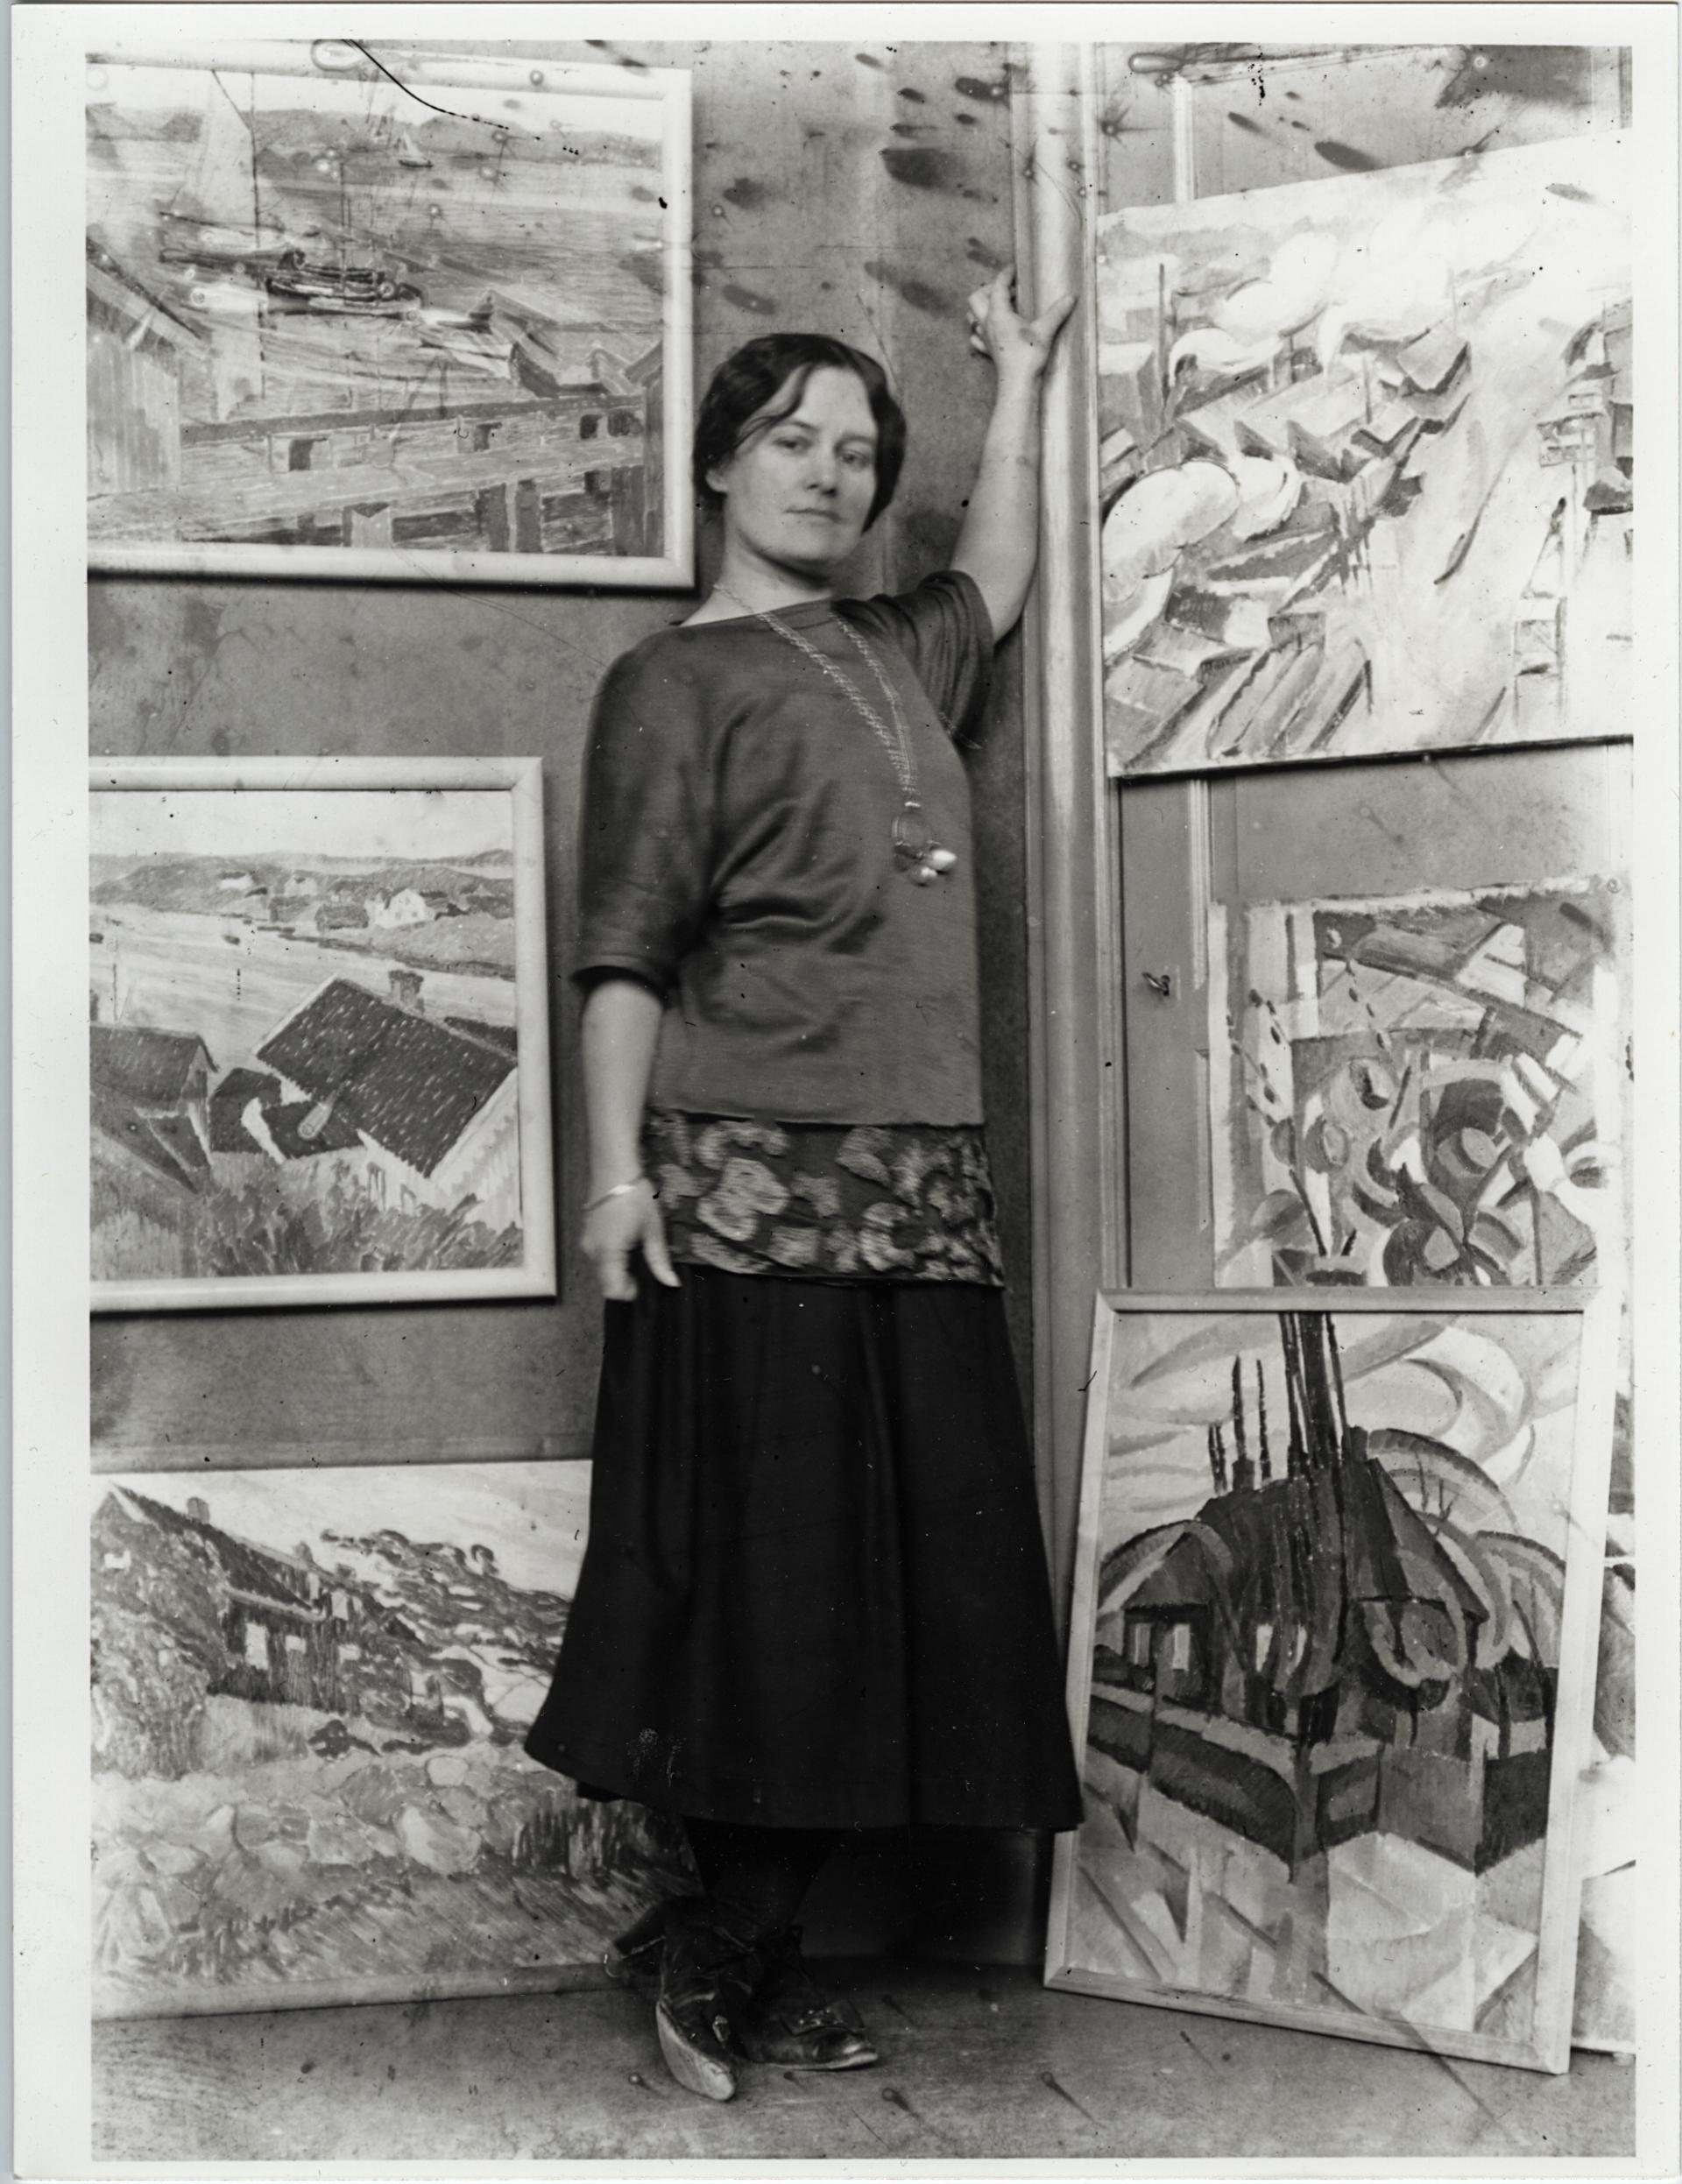 Tangen-samlingen nordisk modernismen, Modernismens Pionerer. Agnes Cleve, 1917. foto: privat